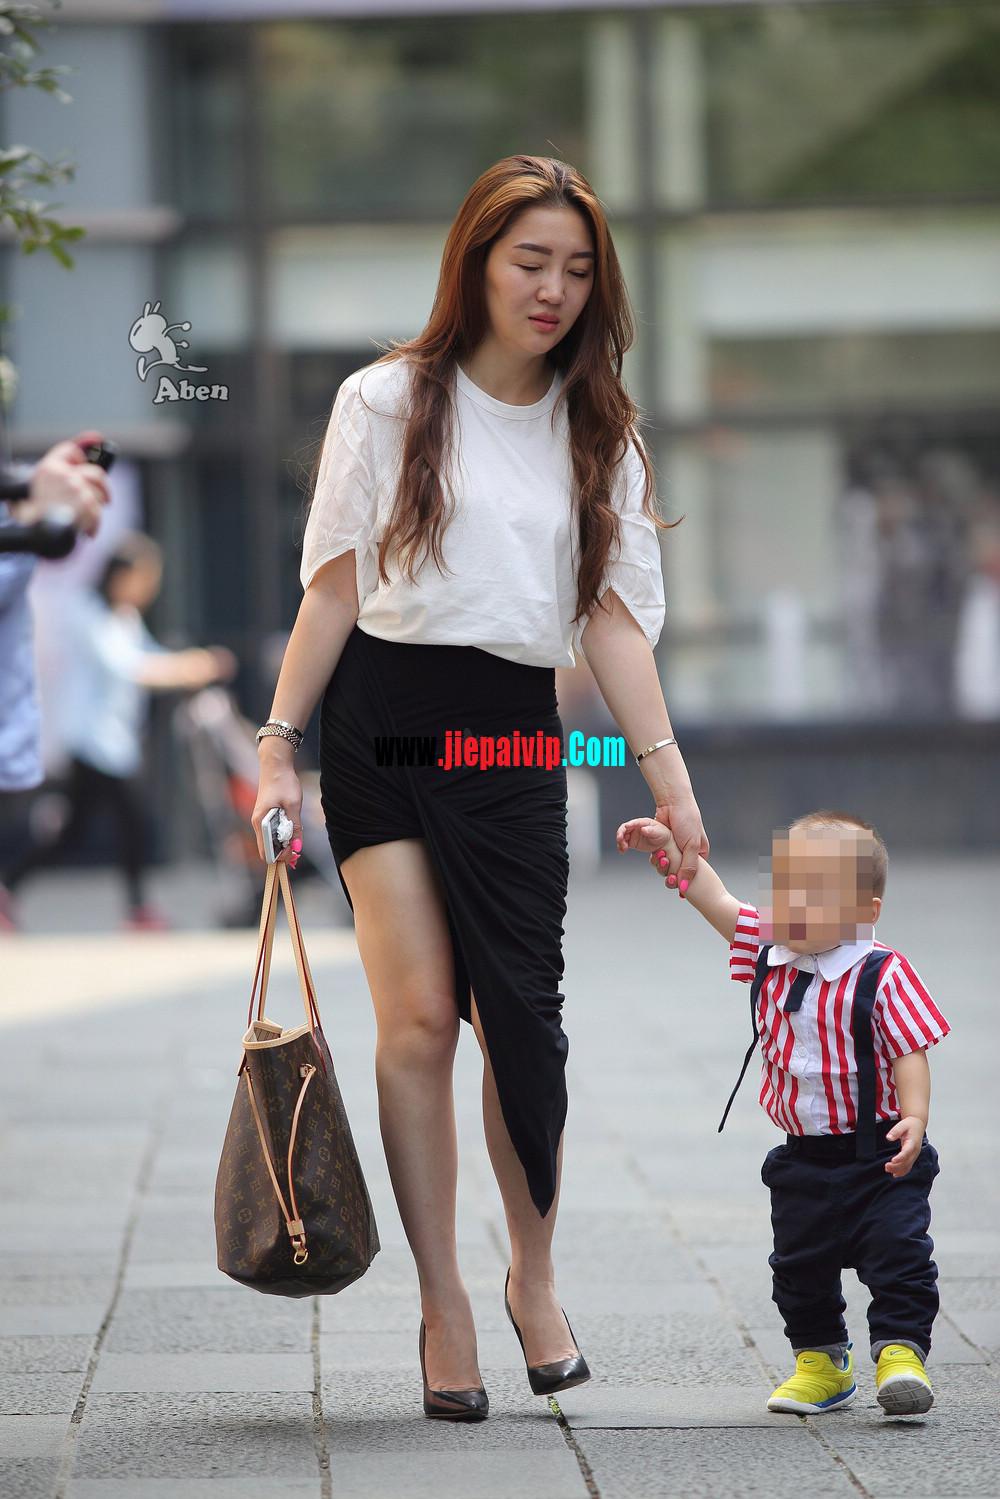 生了小孩的少妇最有魅力,美臀黑裙美腿高跟少妇4